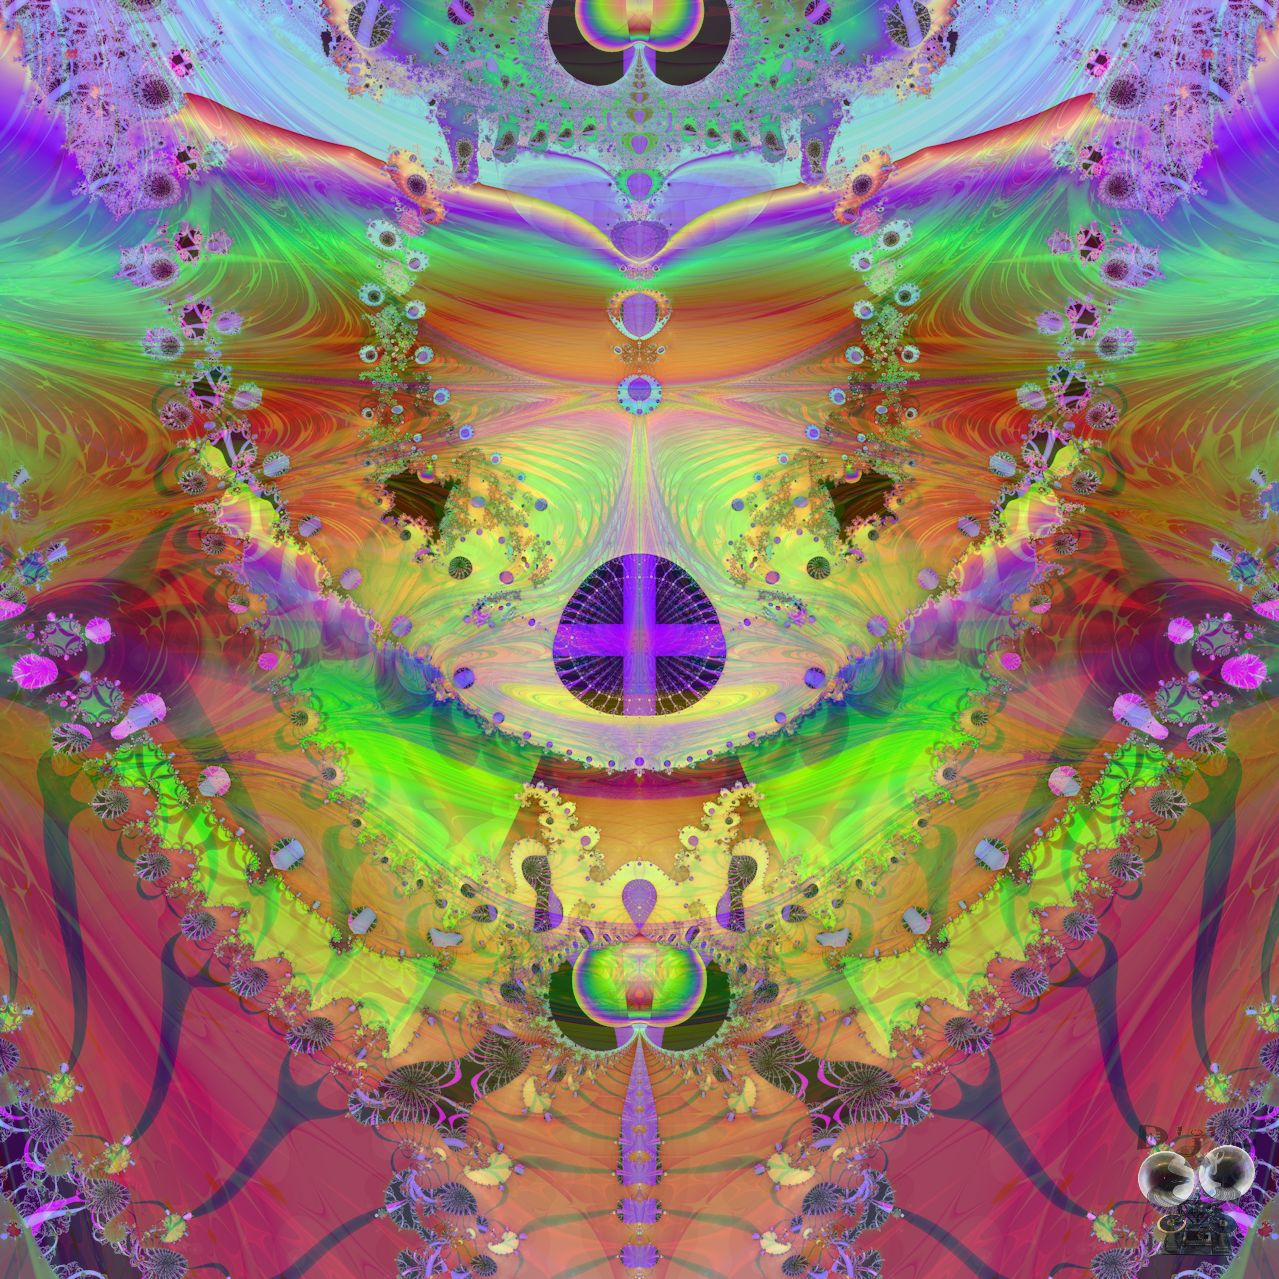 Kloud Nin9 - Multidimensional Merge